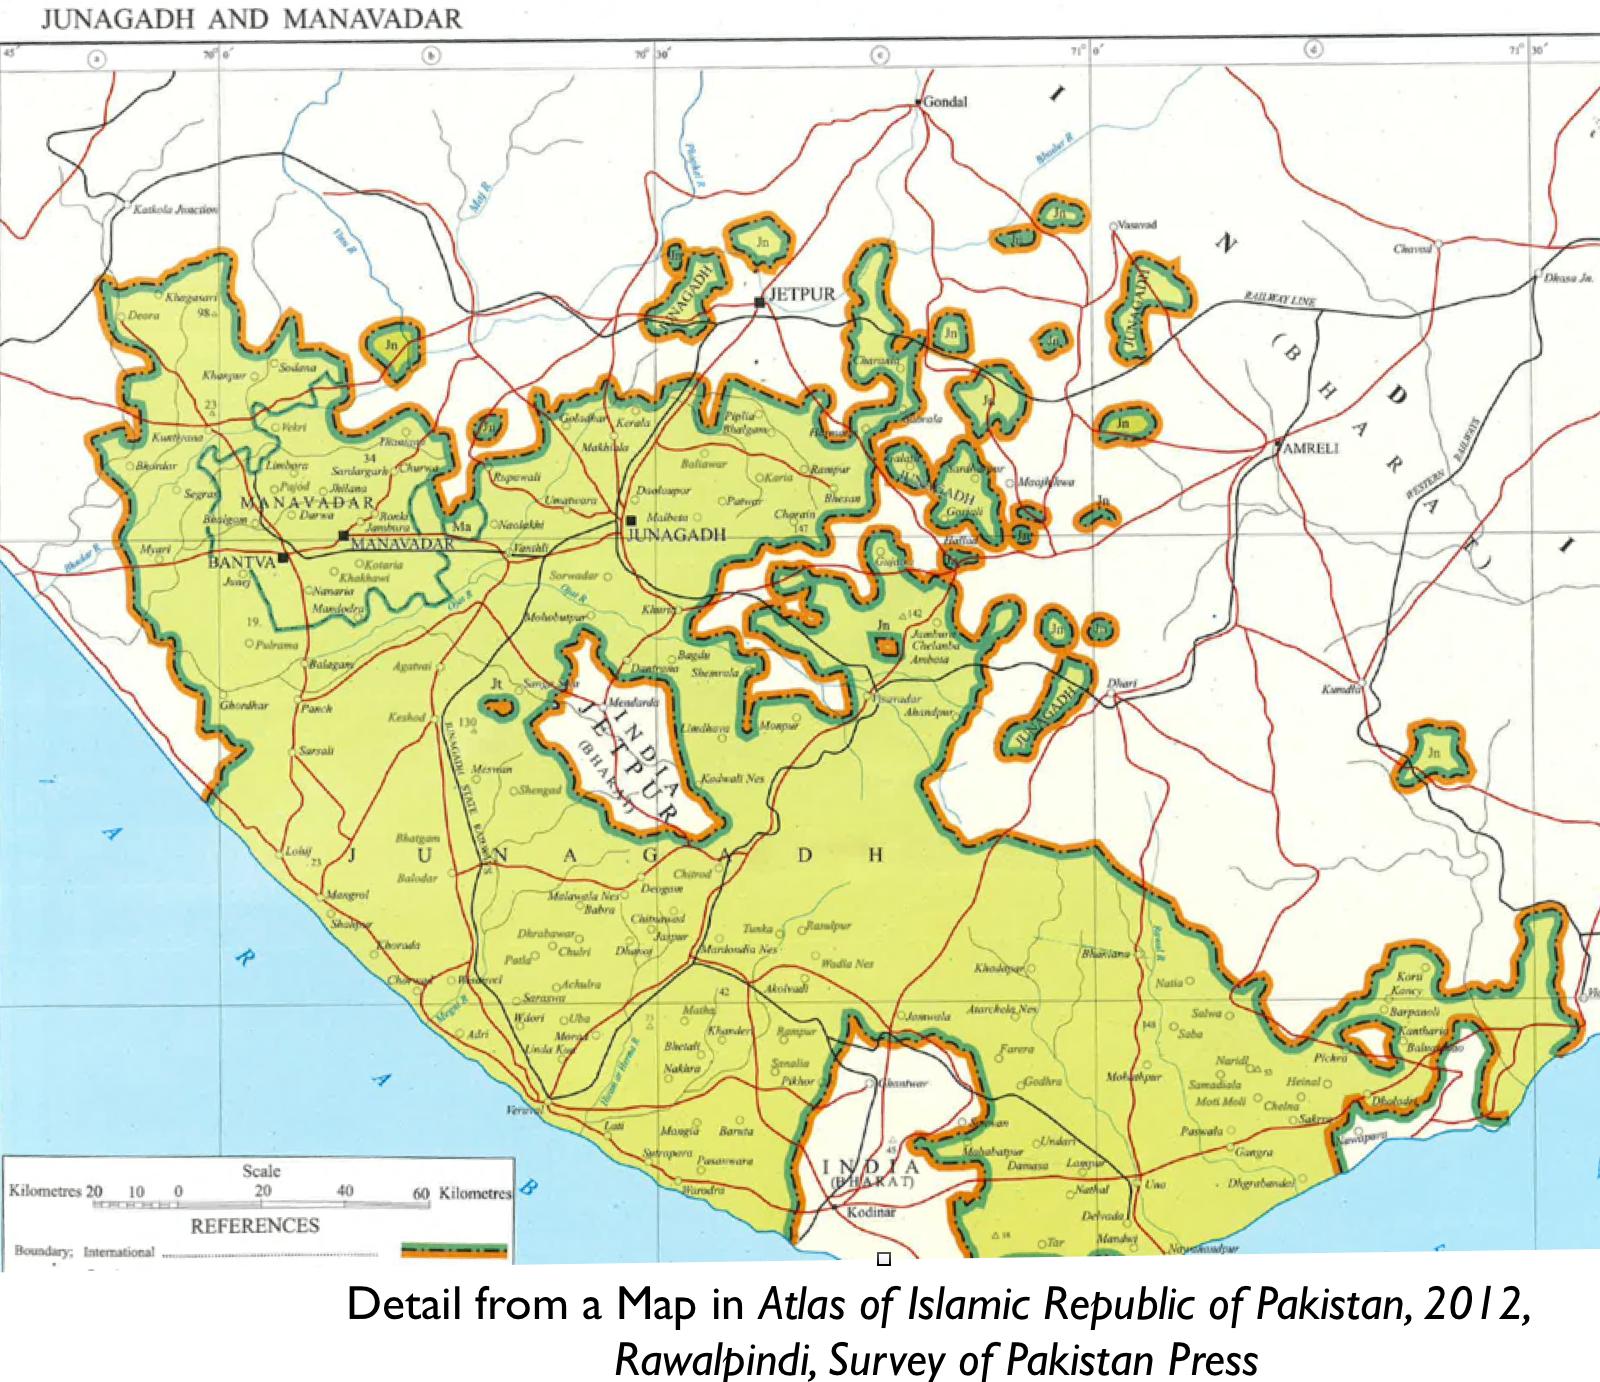 Junagadh manavadar httpgeocurrentsfowp contentuploads201404world political map junagadhg gumiabroncs Choice Image